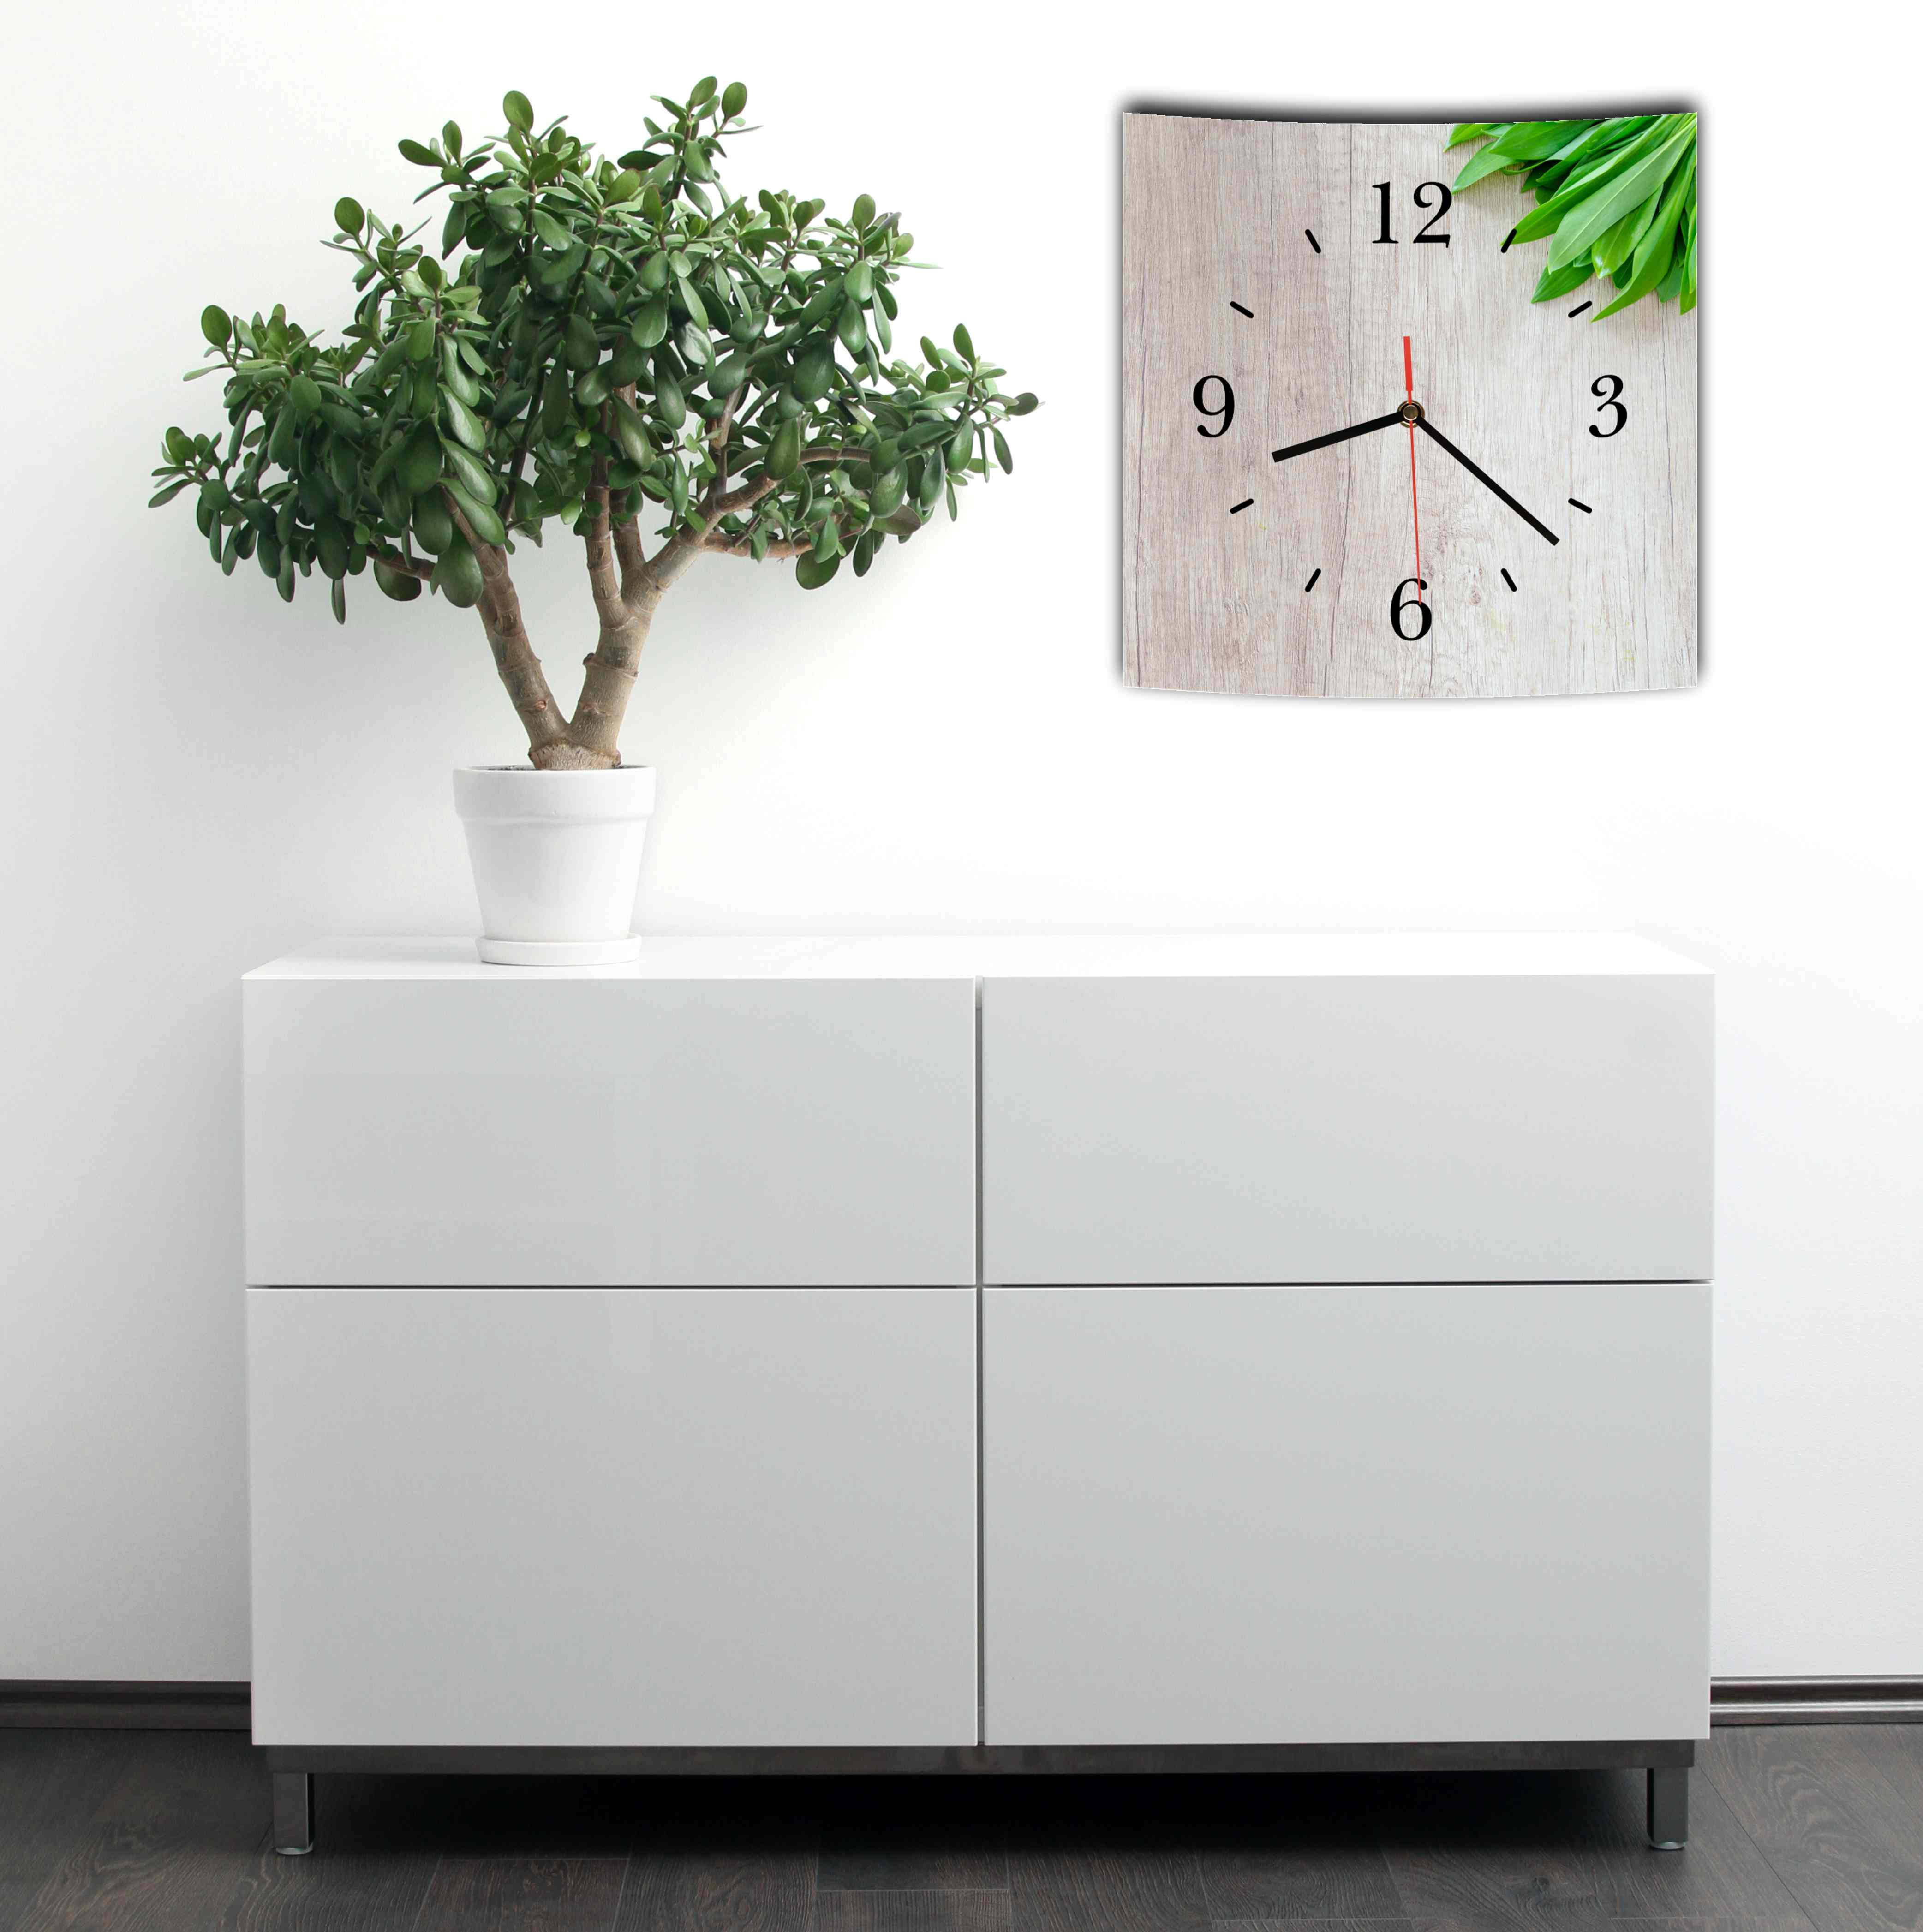 lautlose designer wanduhr mit spruch holz optik k che grau wei modern dekoschil eur 34 95. Black Bedroom Furniture Sets. Home Design Ideas